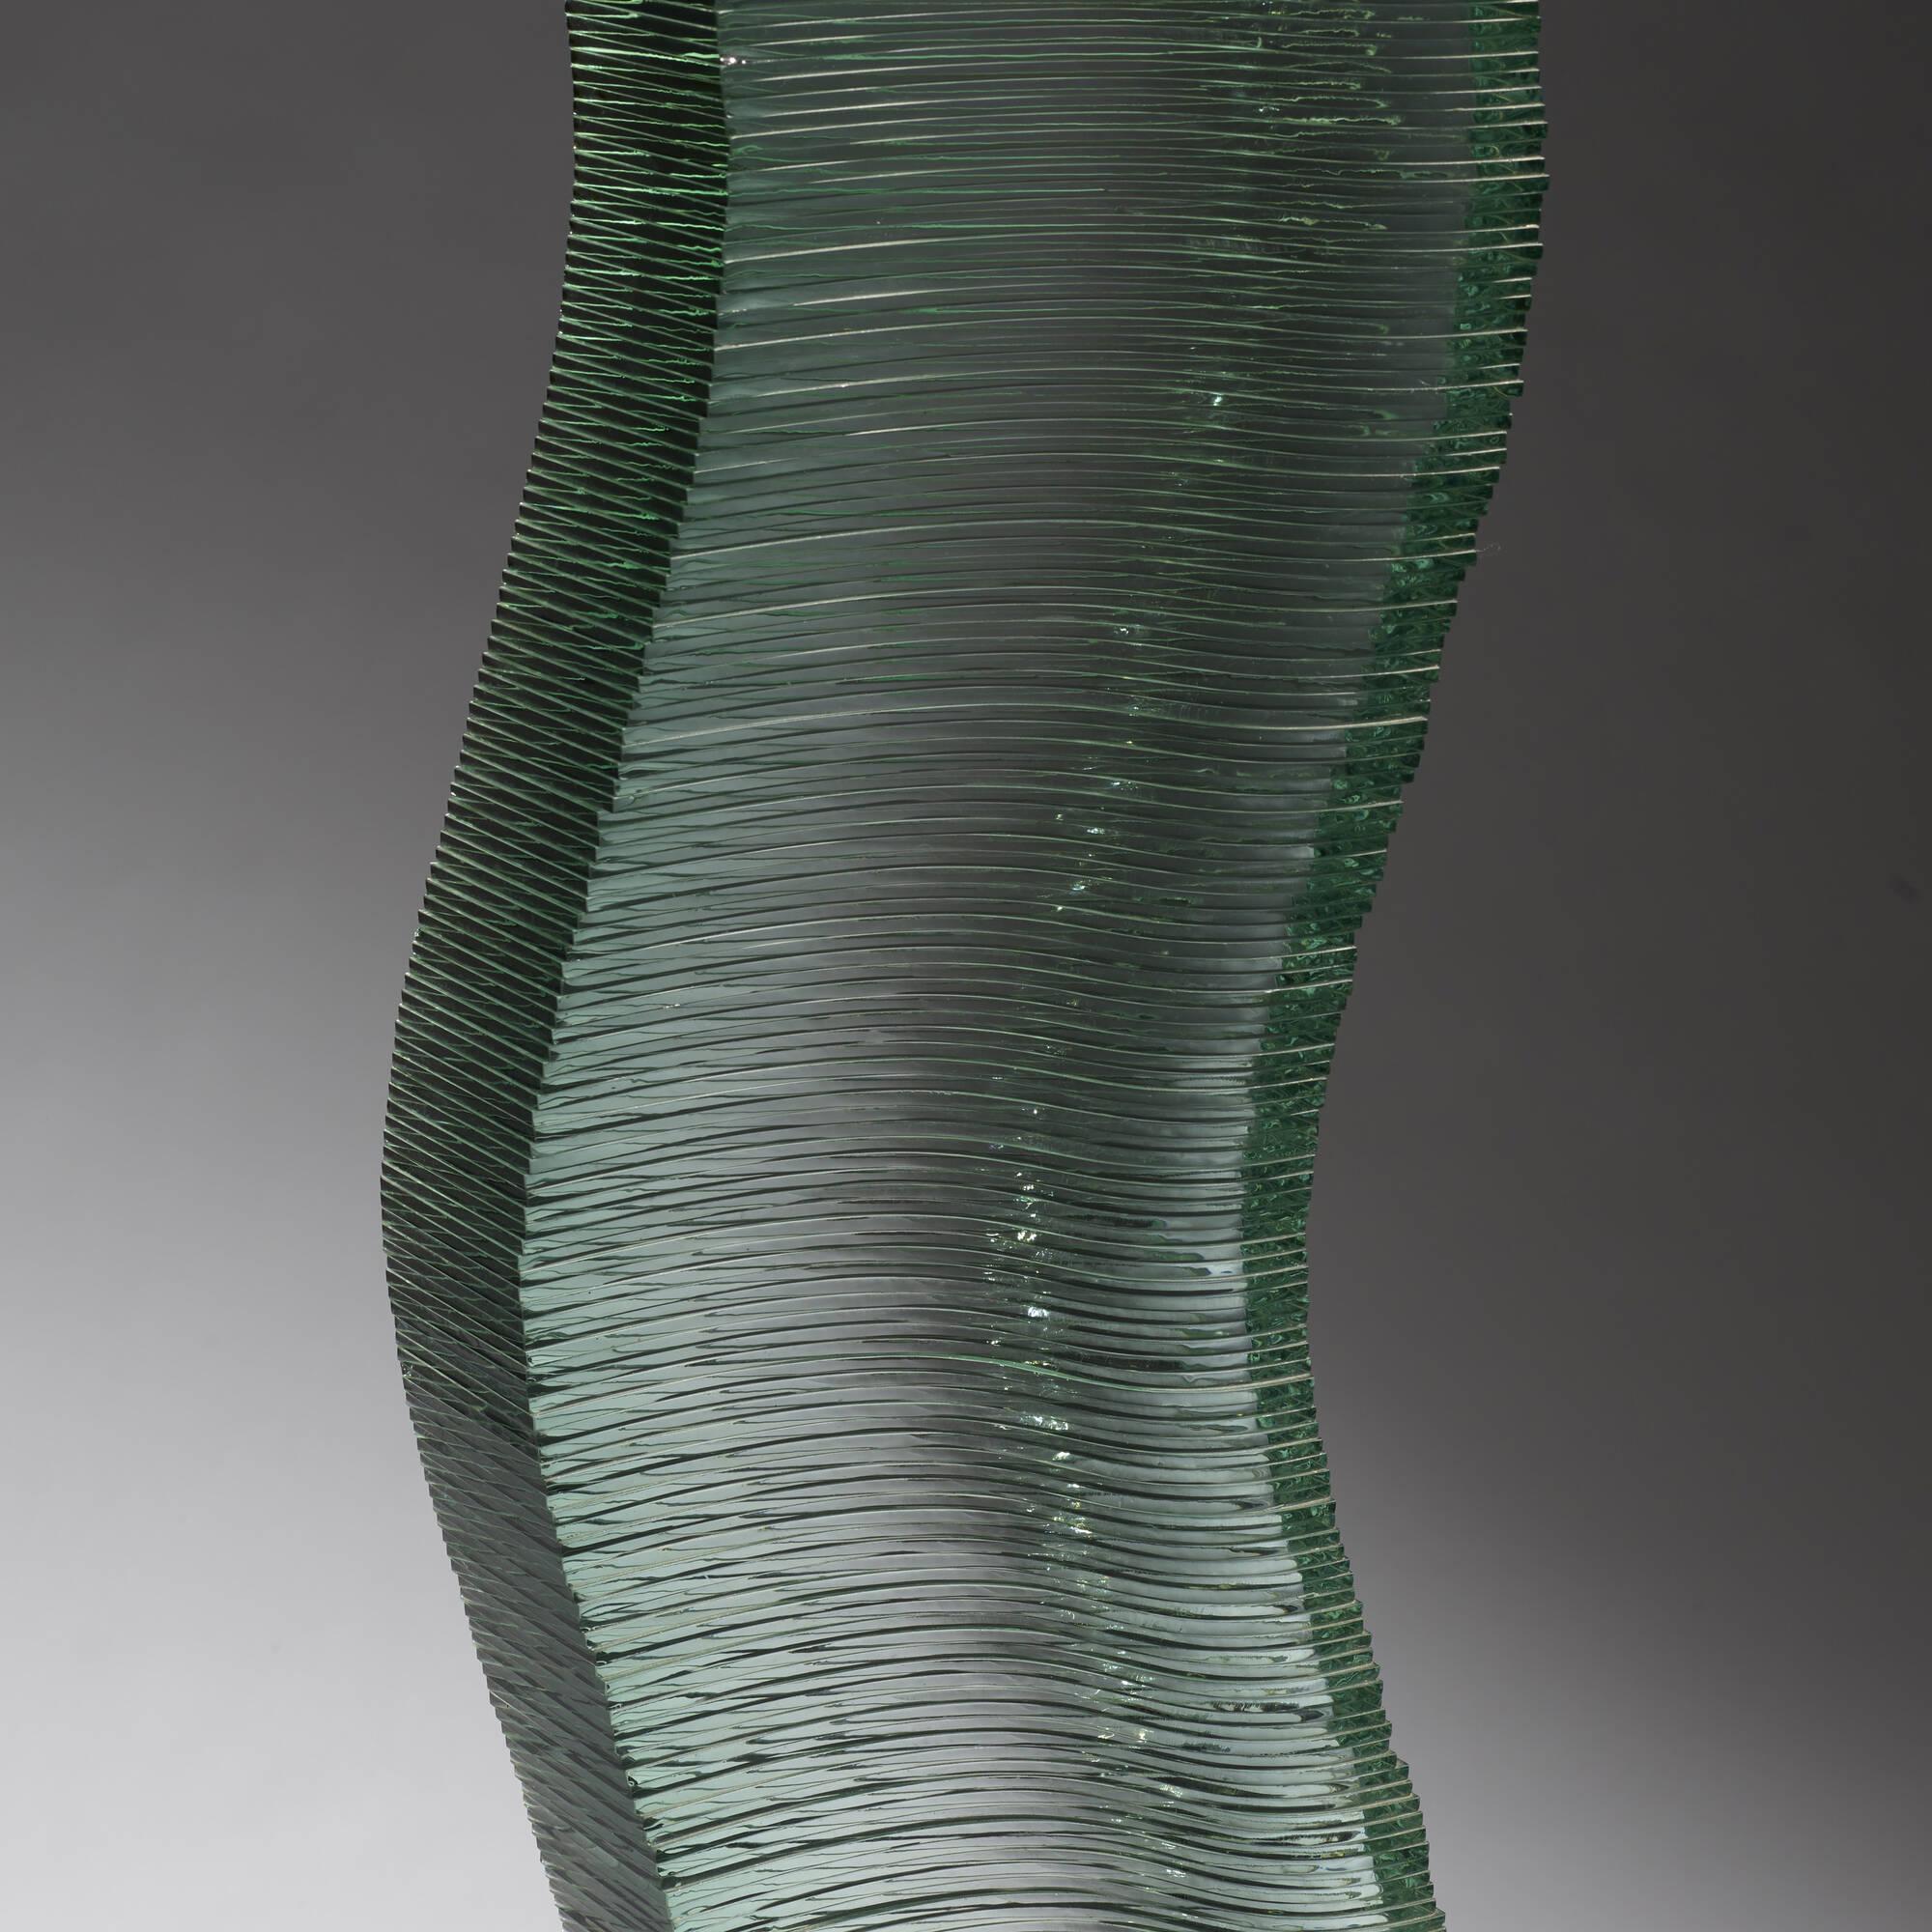 187: Niyoko Ikuta / Wave-5 (3 of 3)